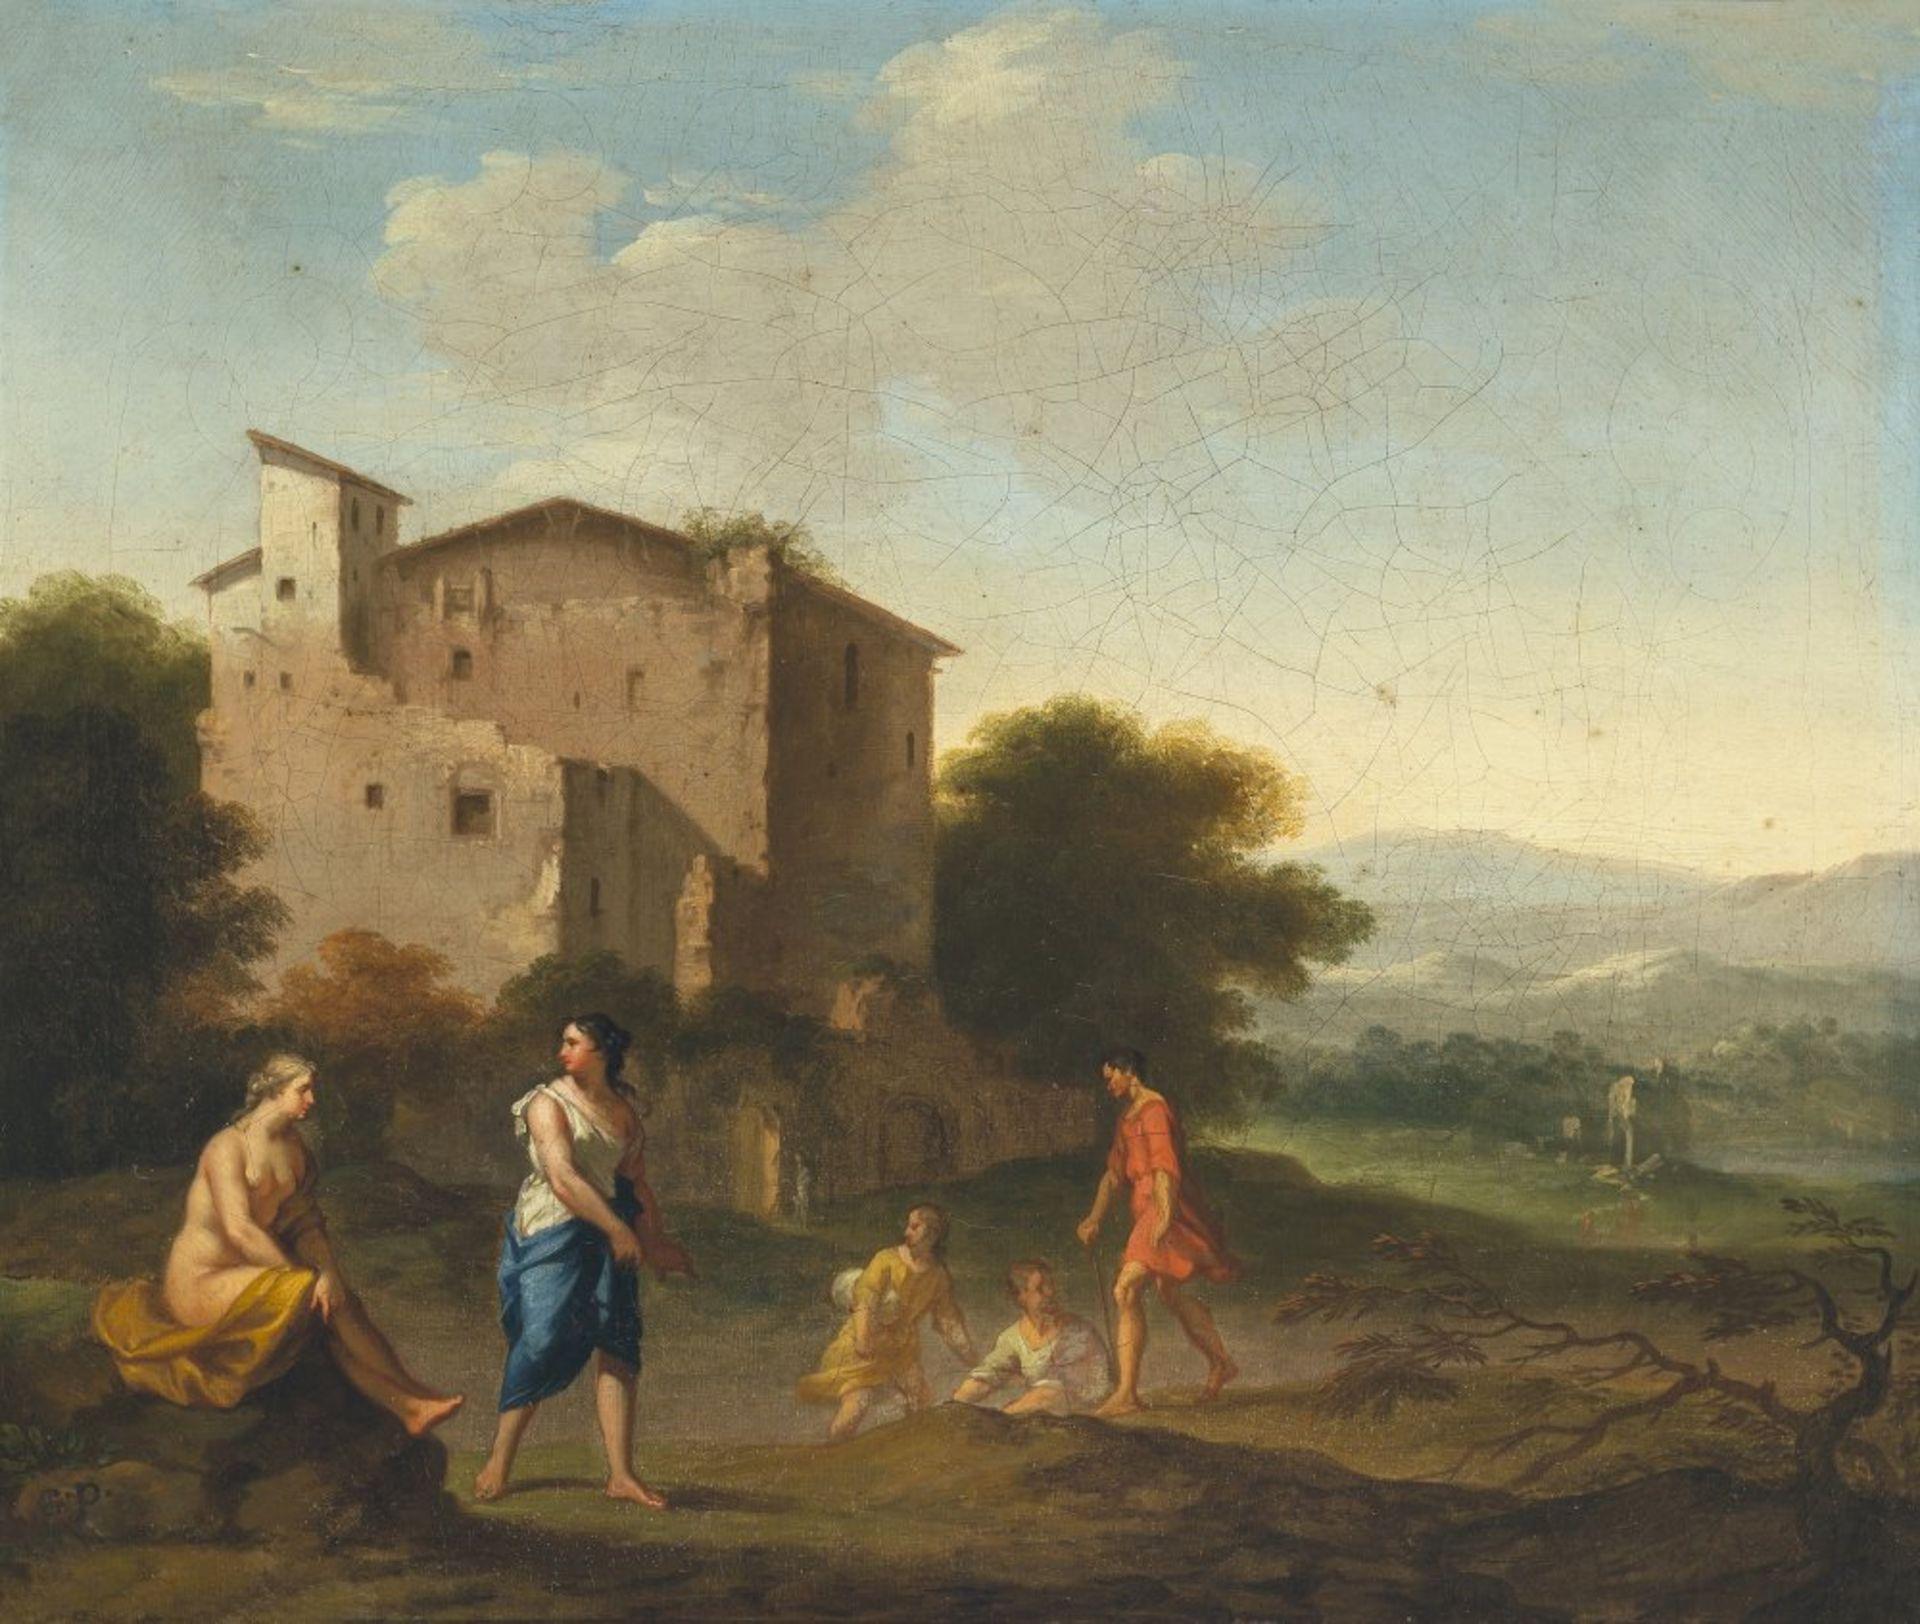 Poelenburgh, Cornelis van, zugeschriebenArkadische Landschaft mit Nymphen. Öl/Lw. 31 x 36,5 cm.